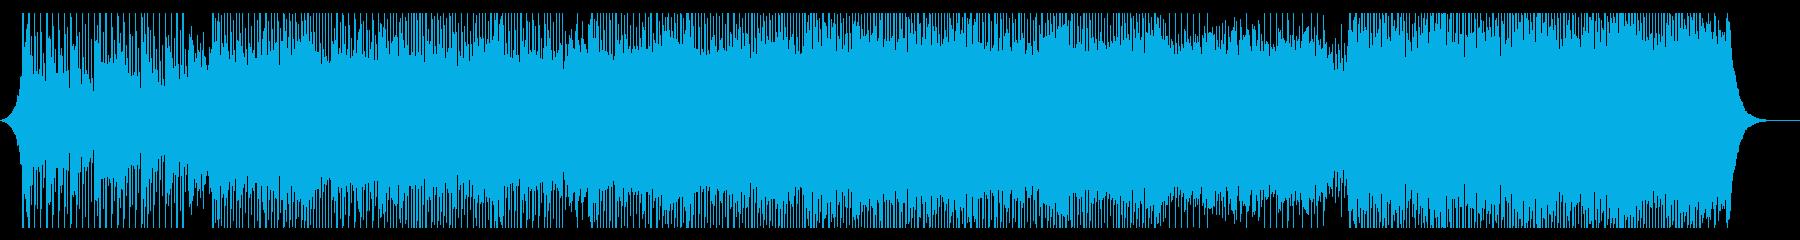 ポジティブの再生済みの波形